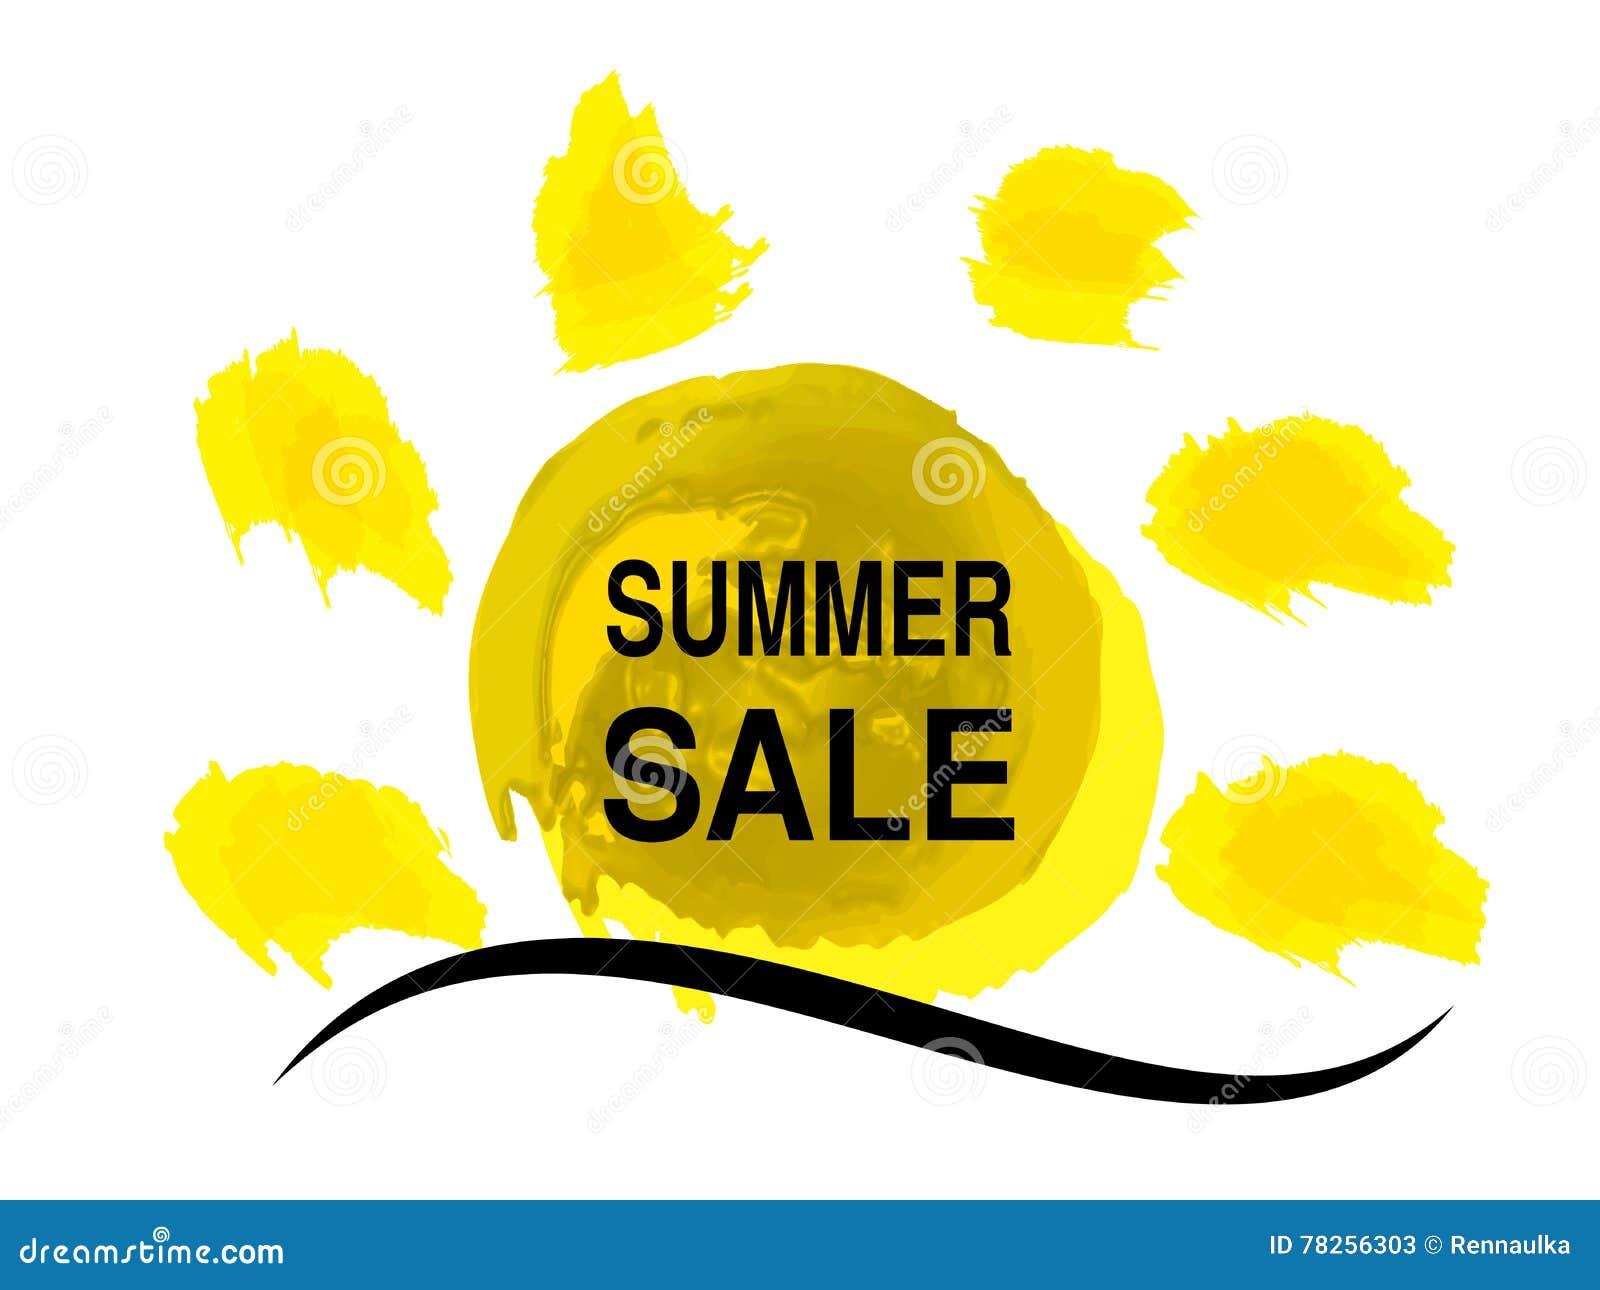 Κίτρινος ήλιος ηλιοφάνειας με το κύμα θάλασσας Σύμβολο ήλιων Watercolor grunge Ετικέτα θερινής προσφοράς Σύμβολο πώλησης